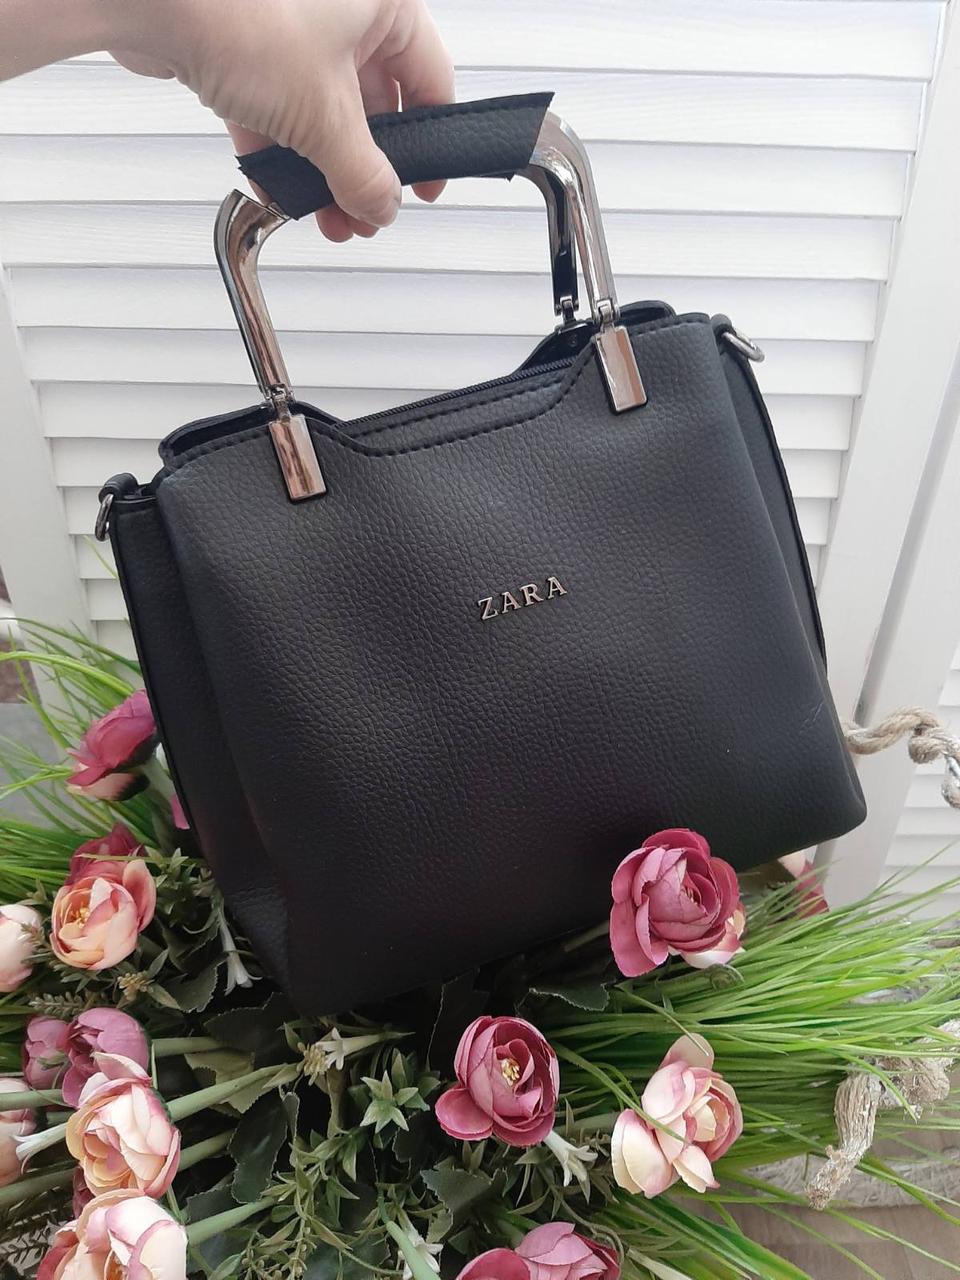 Женская сумка модная с квадратными ручками небольшая на плечо черная кожзам